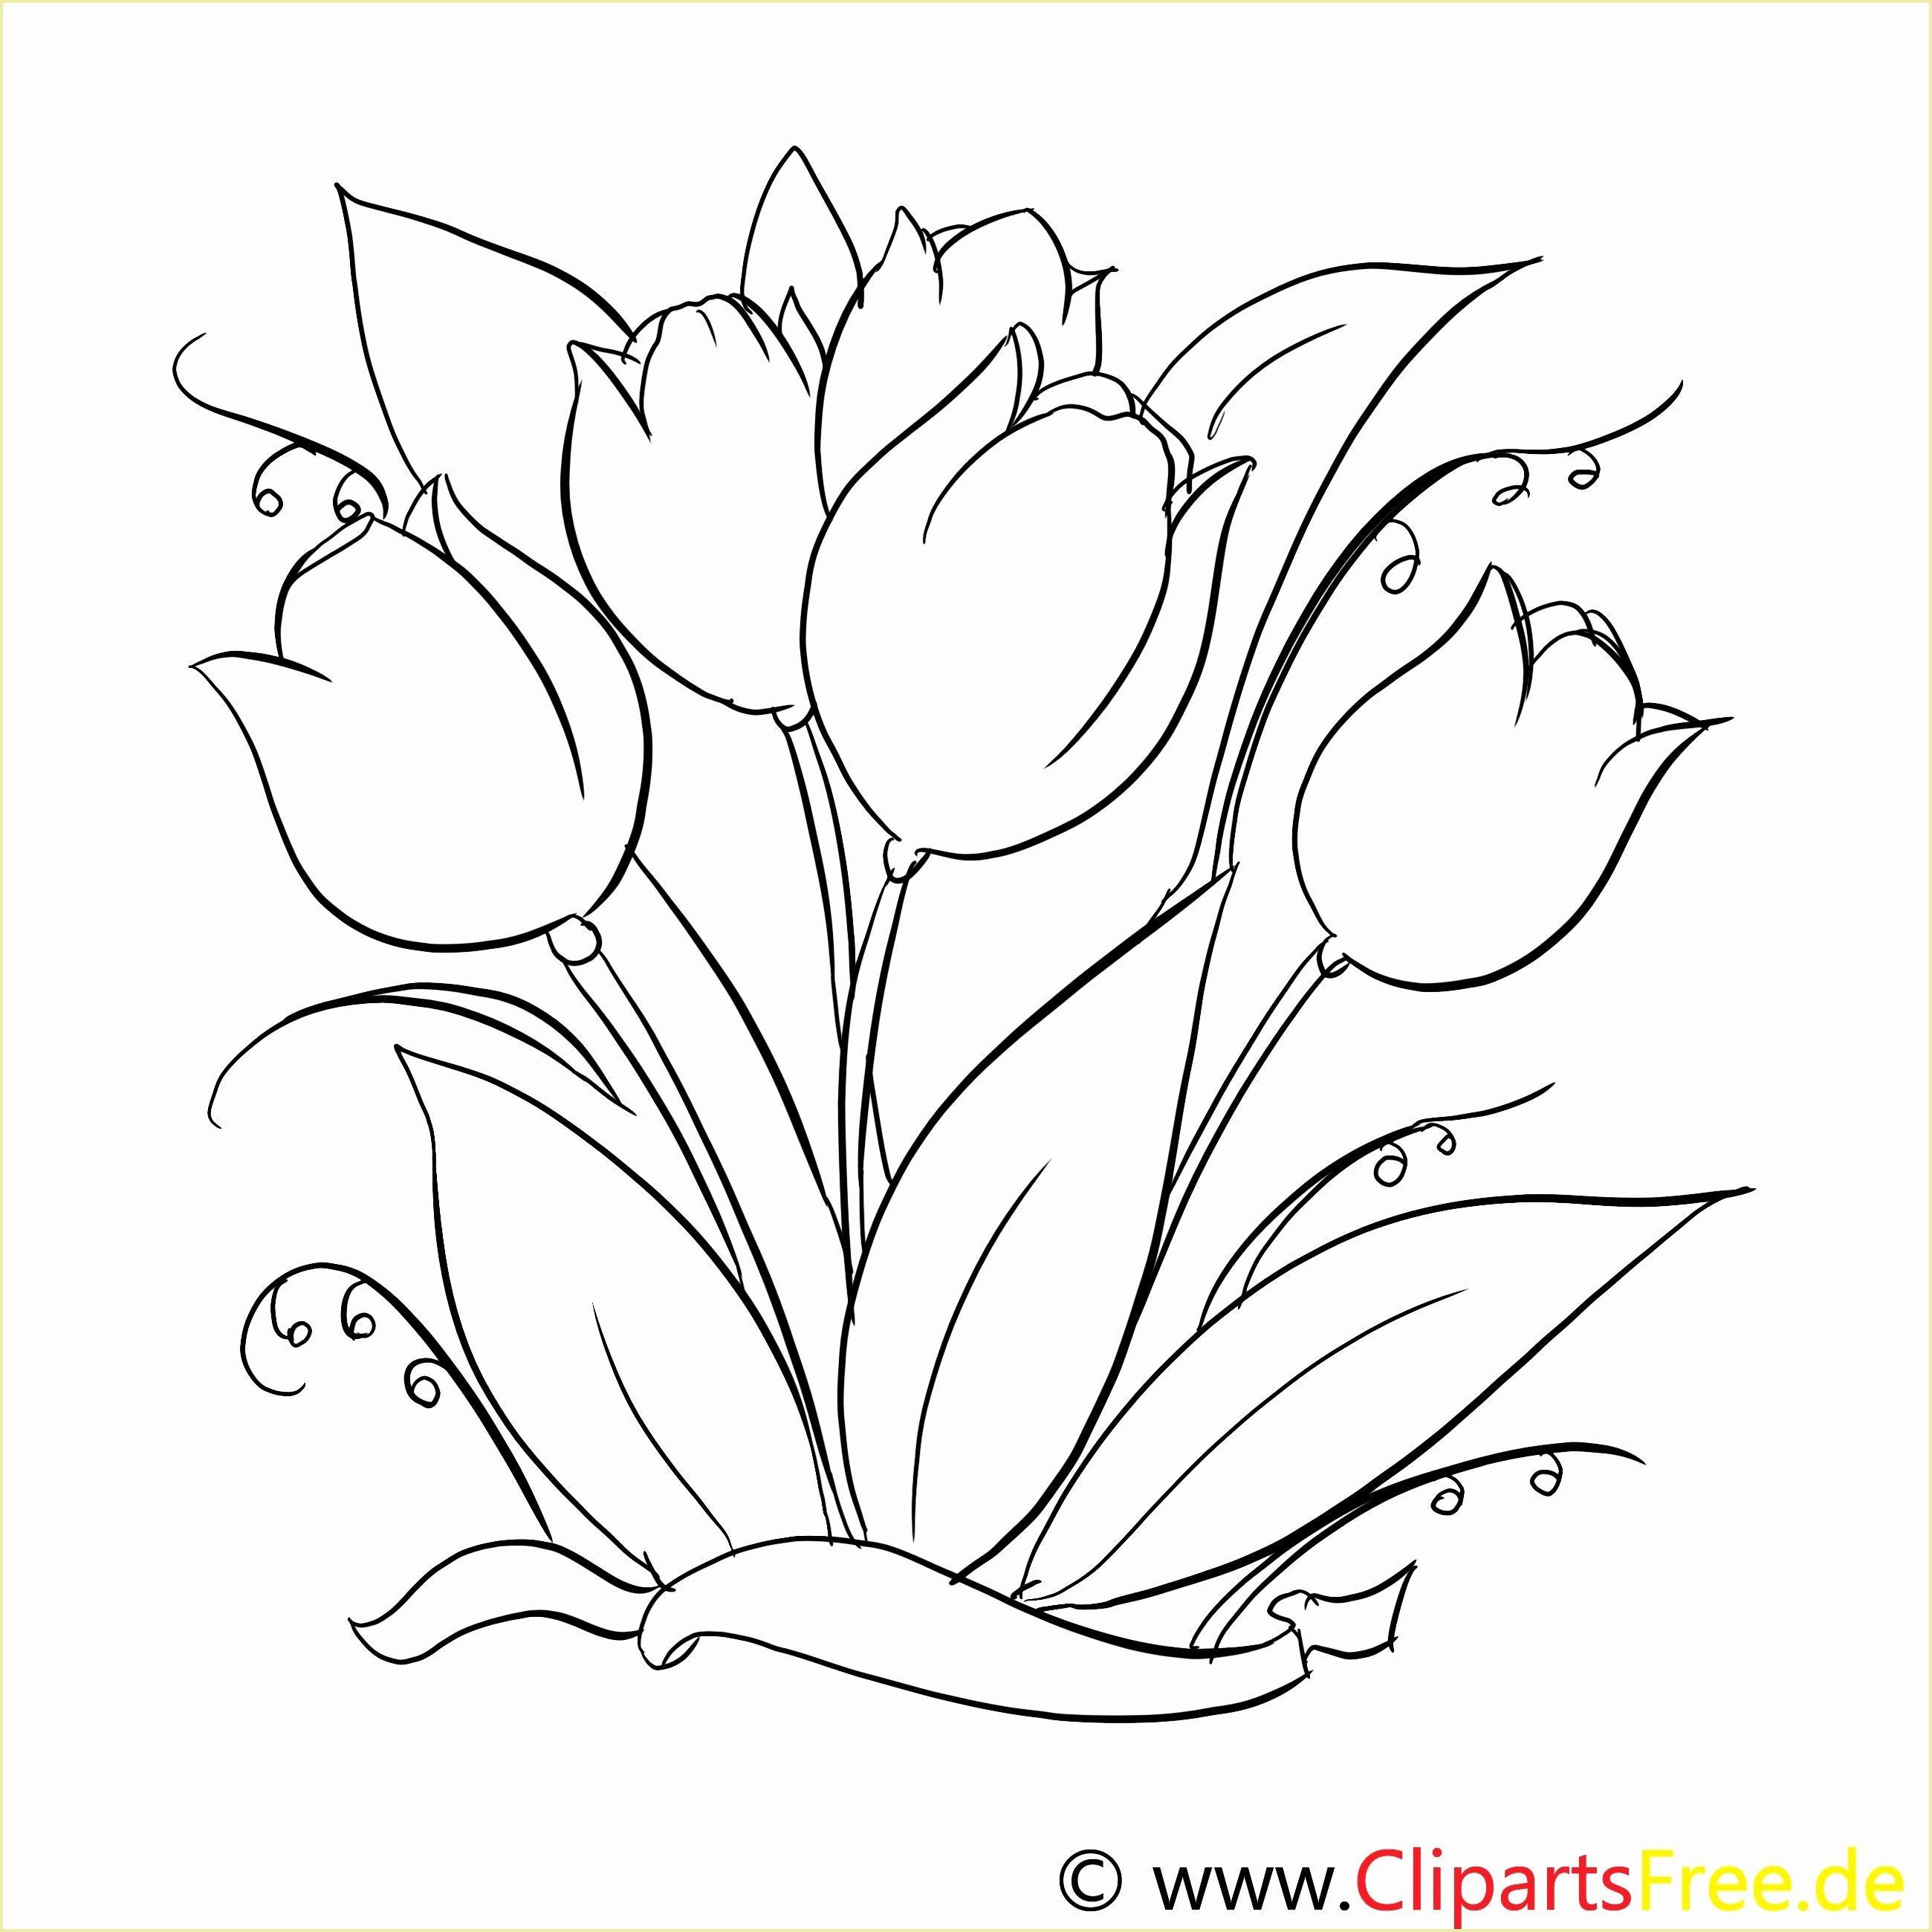 Frisch Malvorlagen Blumen Zum Ausdrucken Malvorlagen Blumen